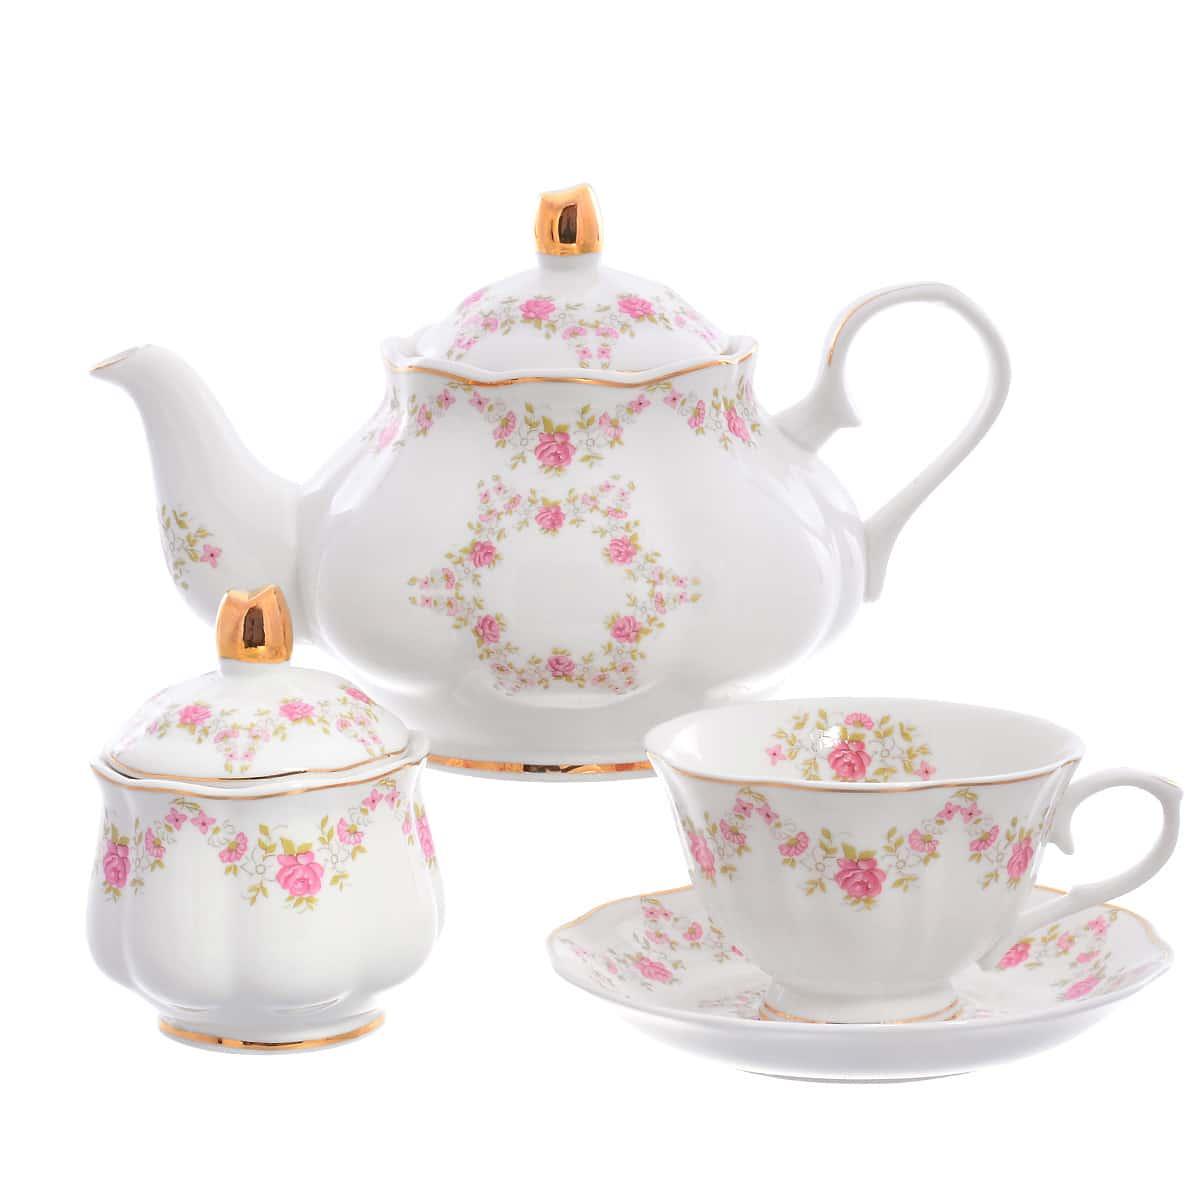 Чайный сервиз Мелкие цветы Royal Classics 14 предметов